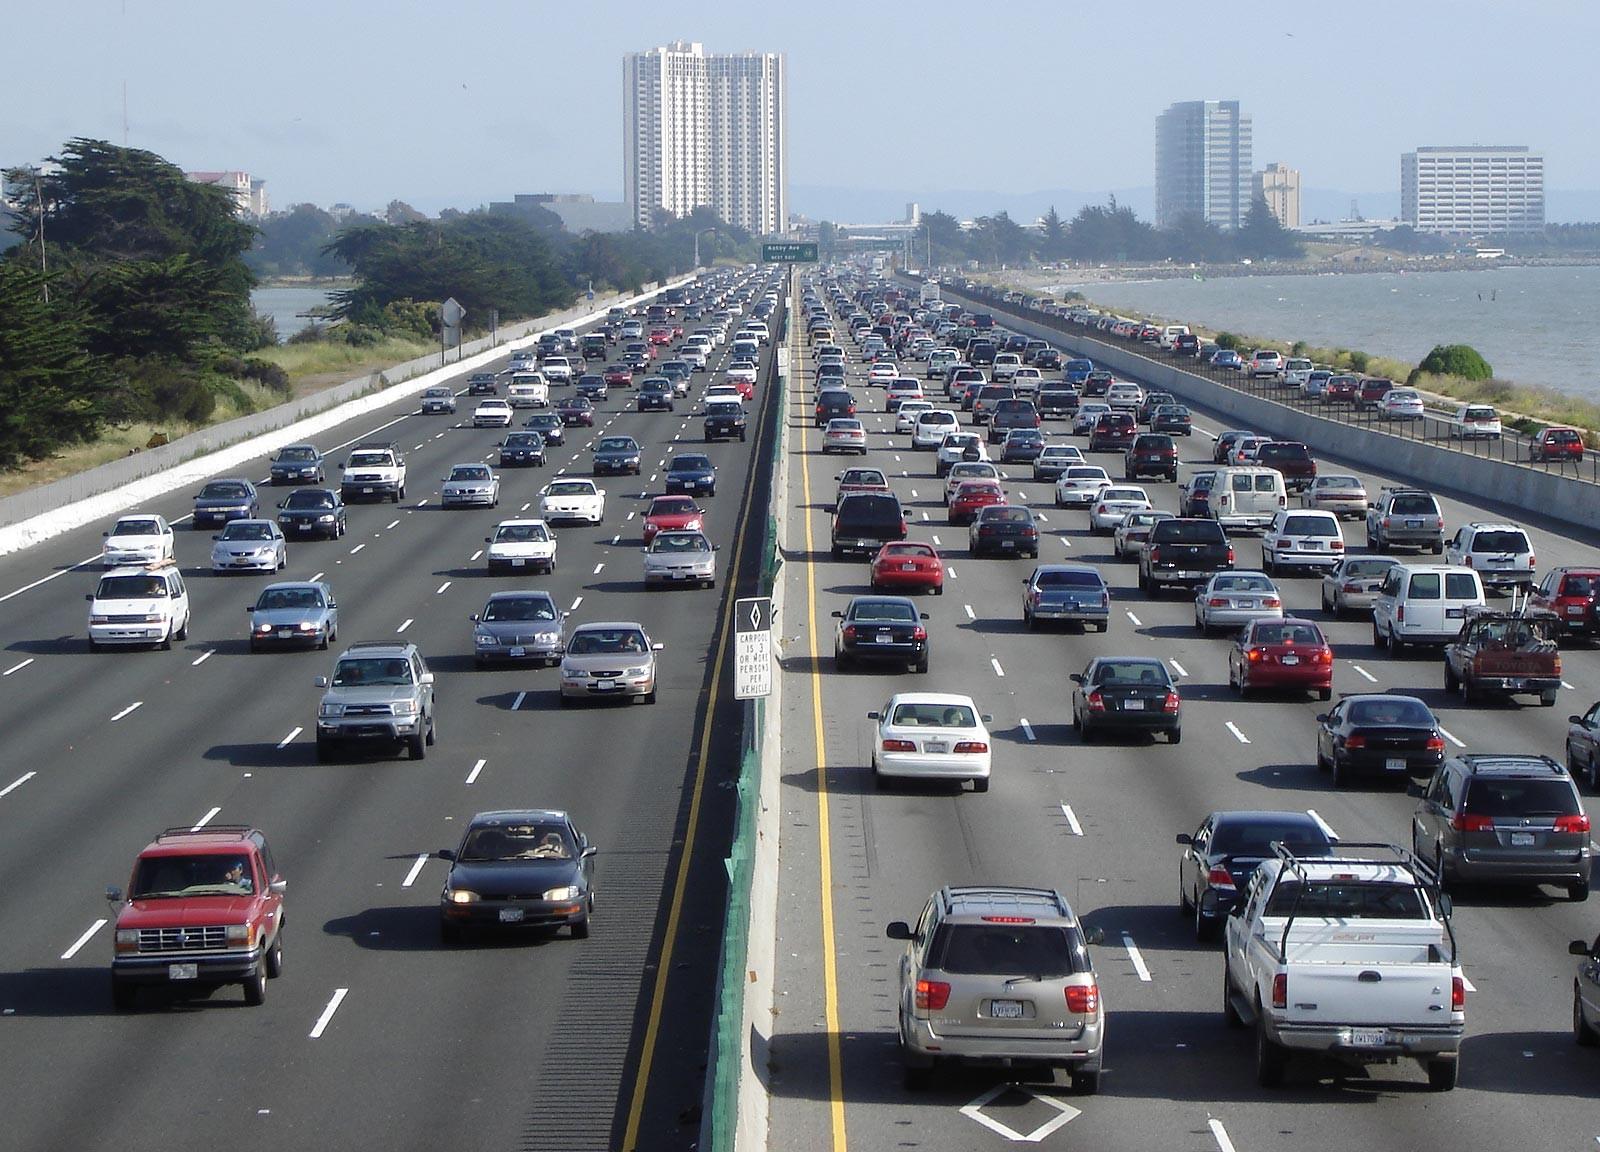 Руководство обновило программу безопасности дорожного движения